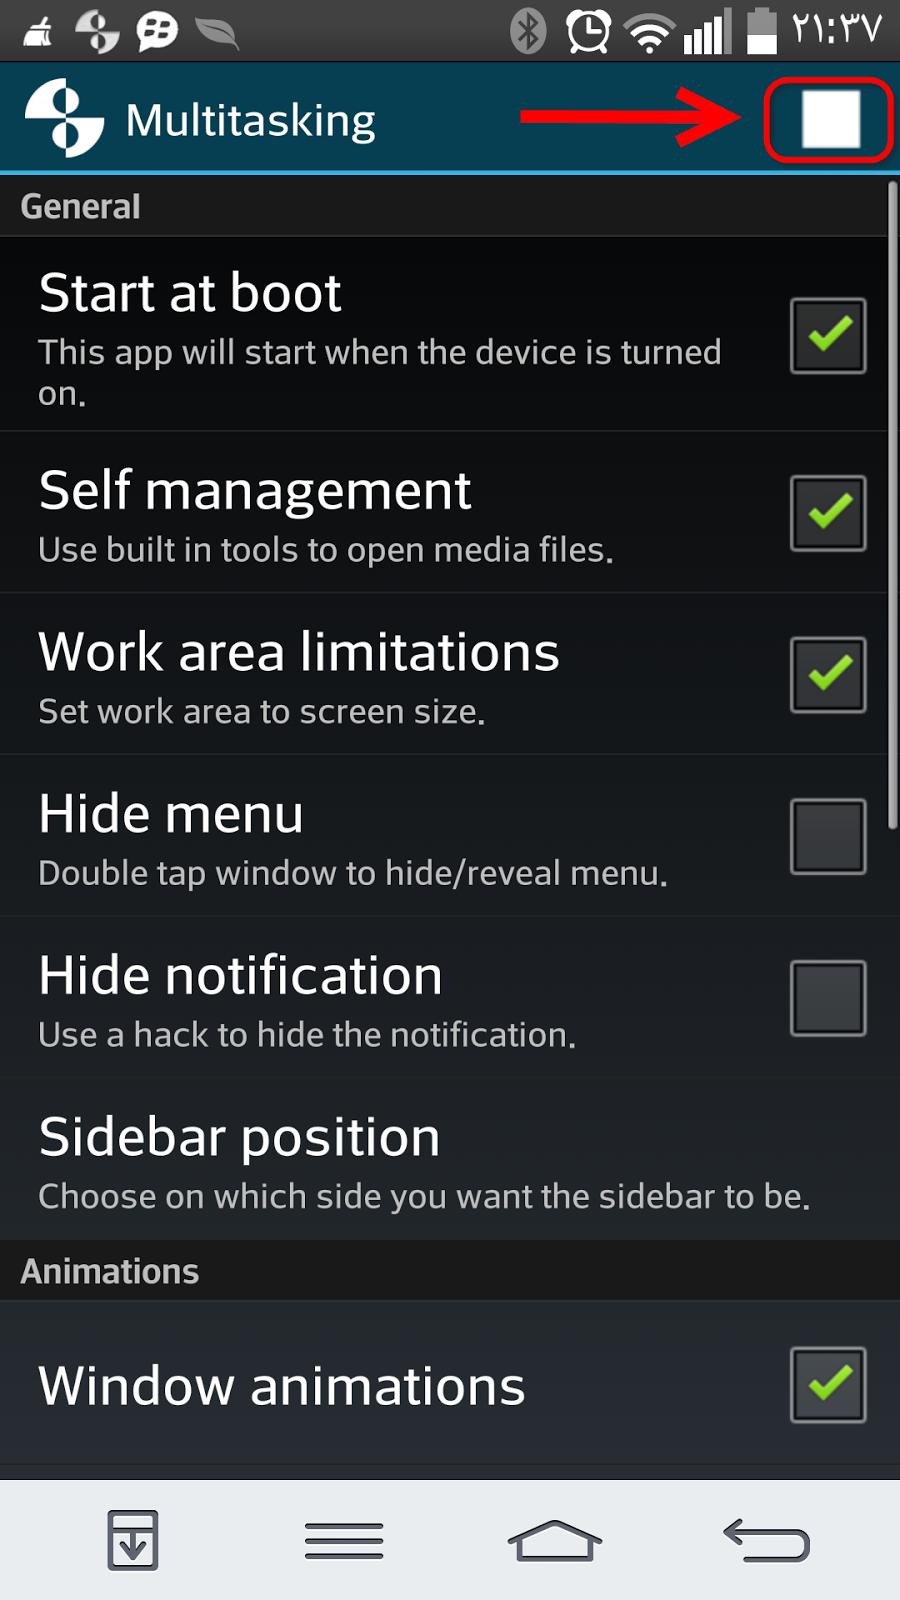 تطبيق Multitasking للمهام المتعددة و للوصول السريع لتطبيقاتك المفضلة | بحرية درويد